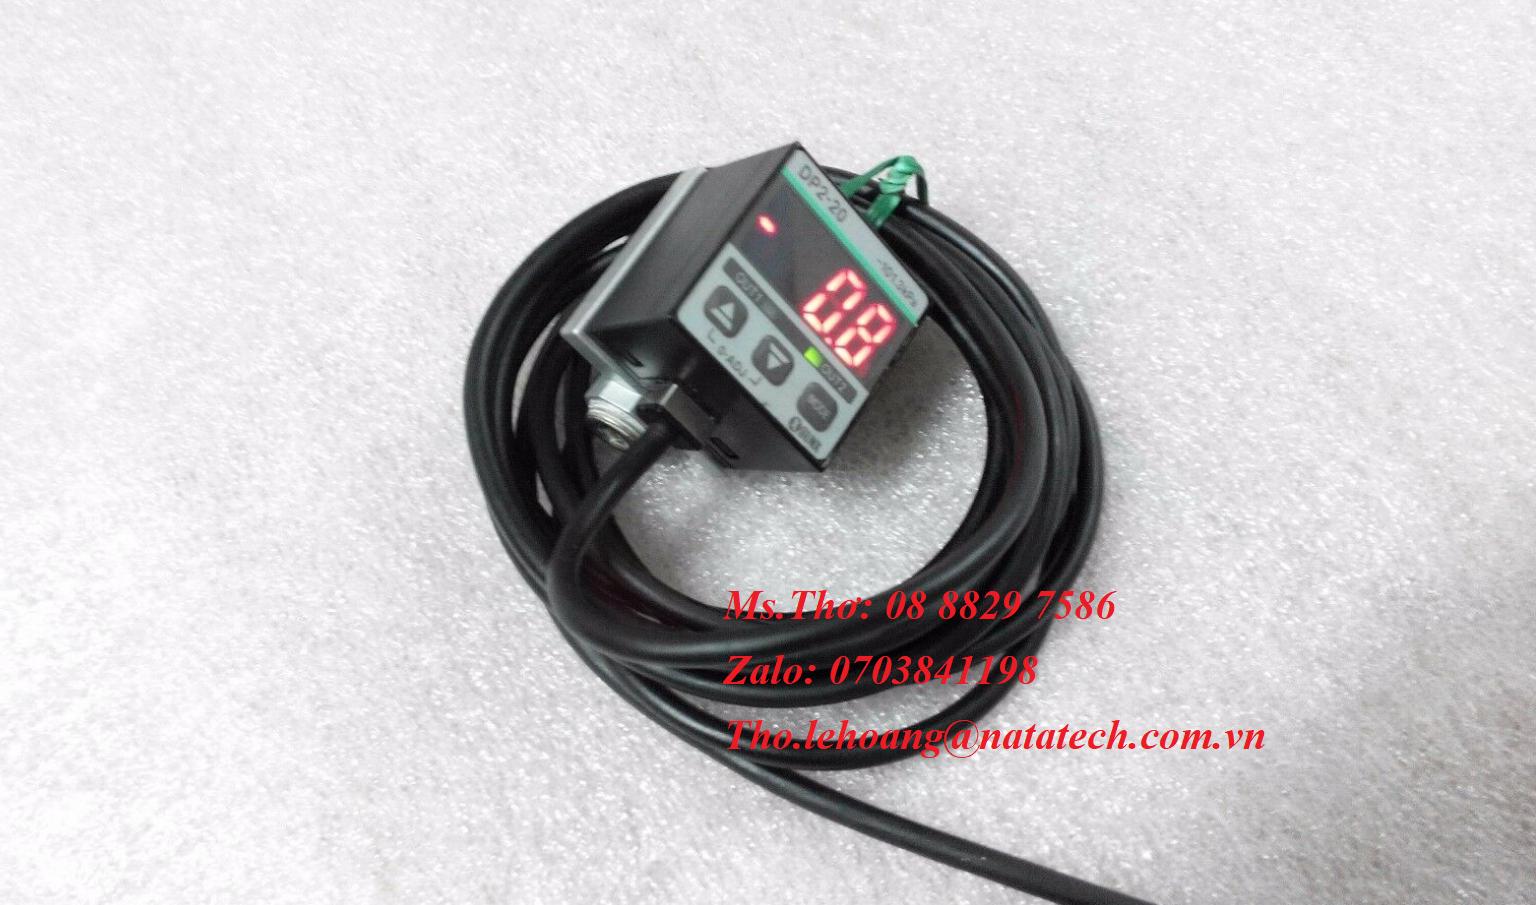 Cảm biến áp suất Panasonic DP2-20 - Công Ty TNHH Natatech